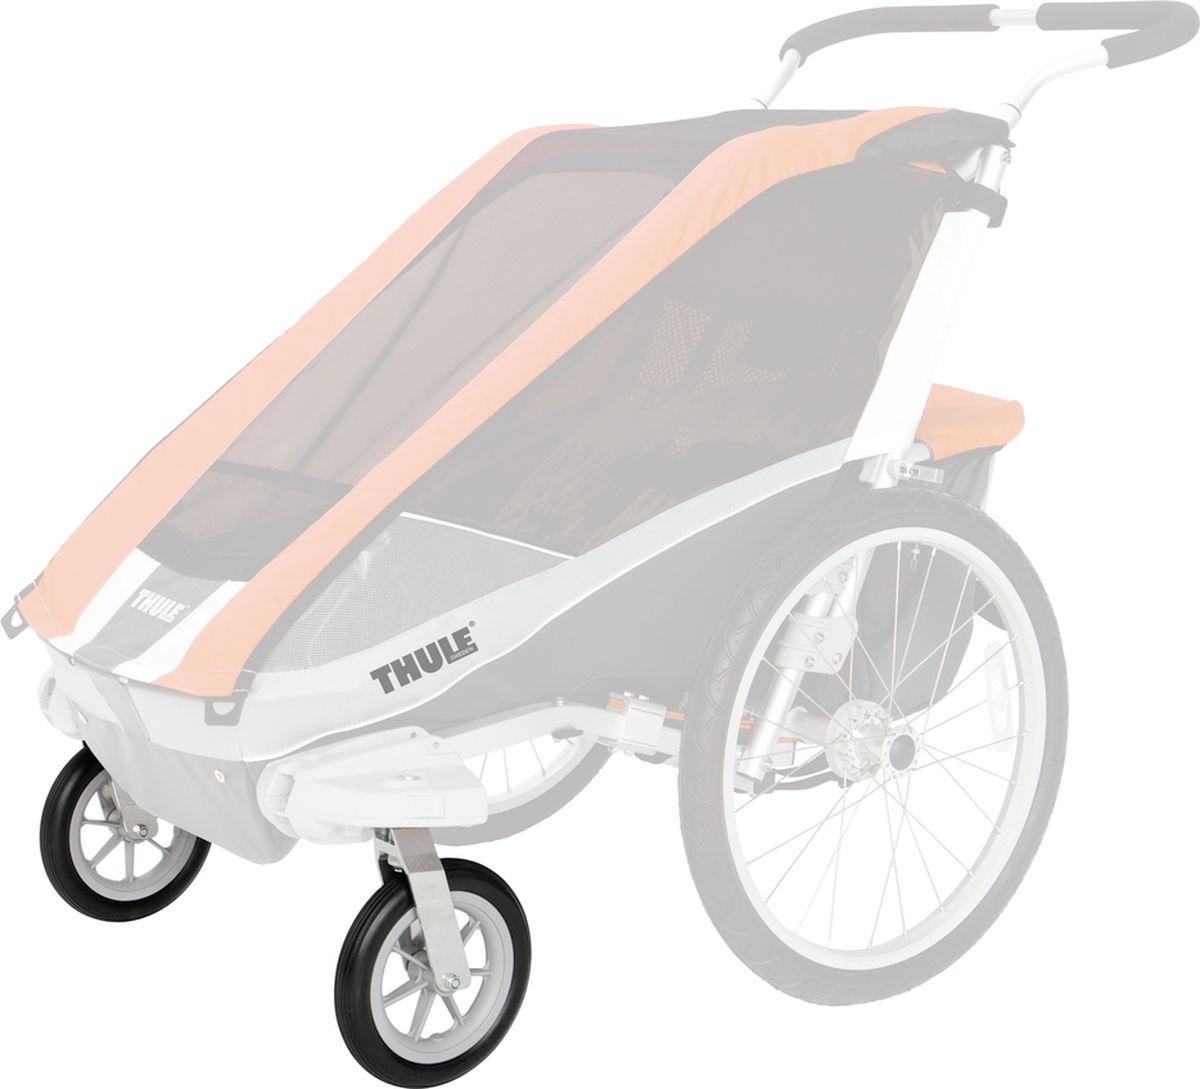 Thule Набор прогулочной коляски универсальный кроме Chinook (14-)